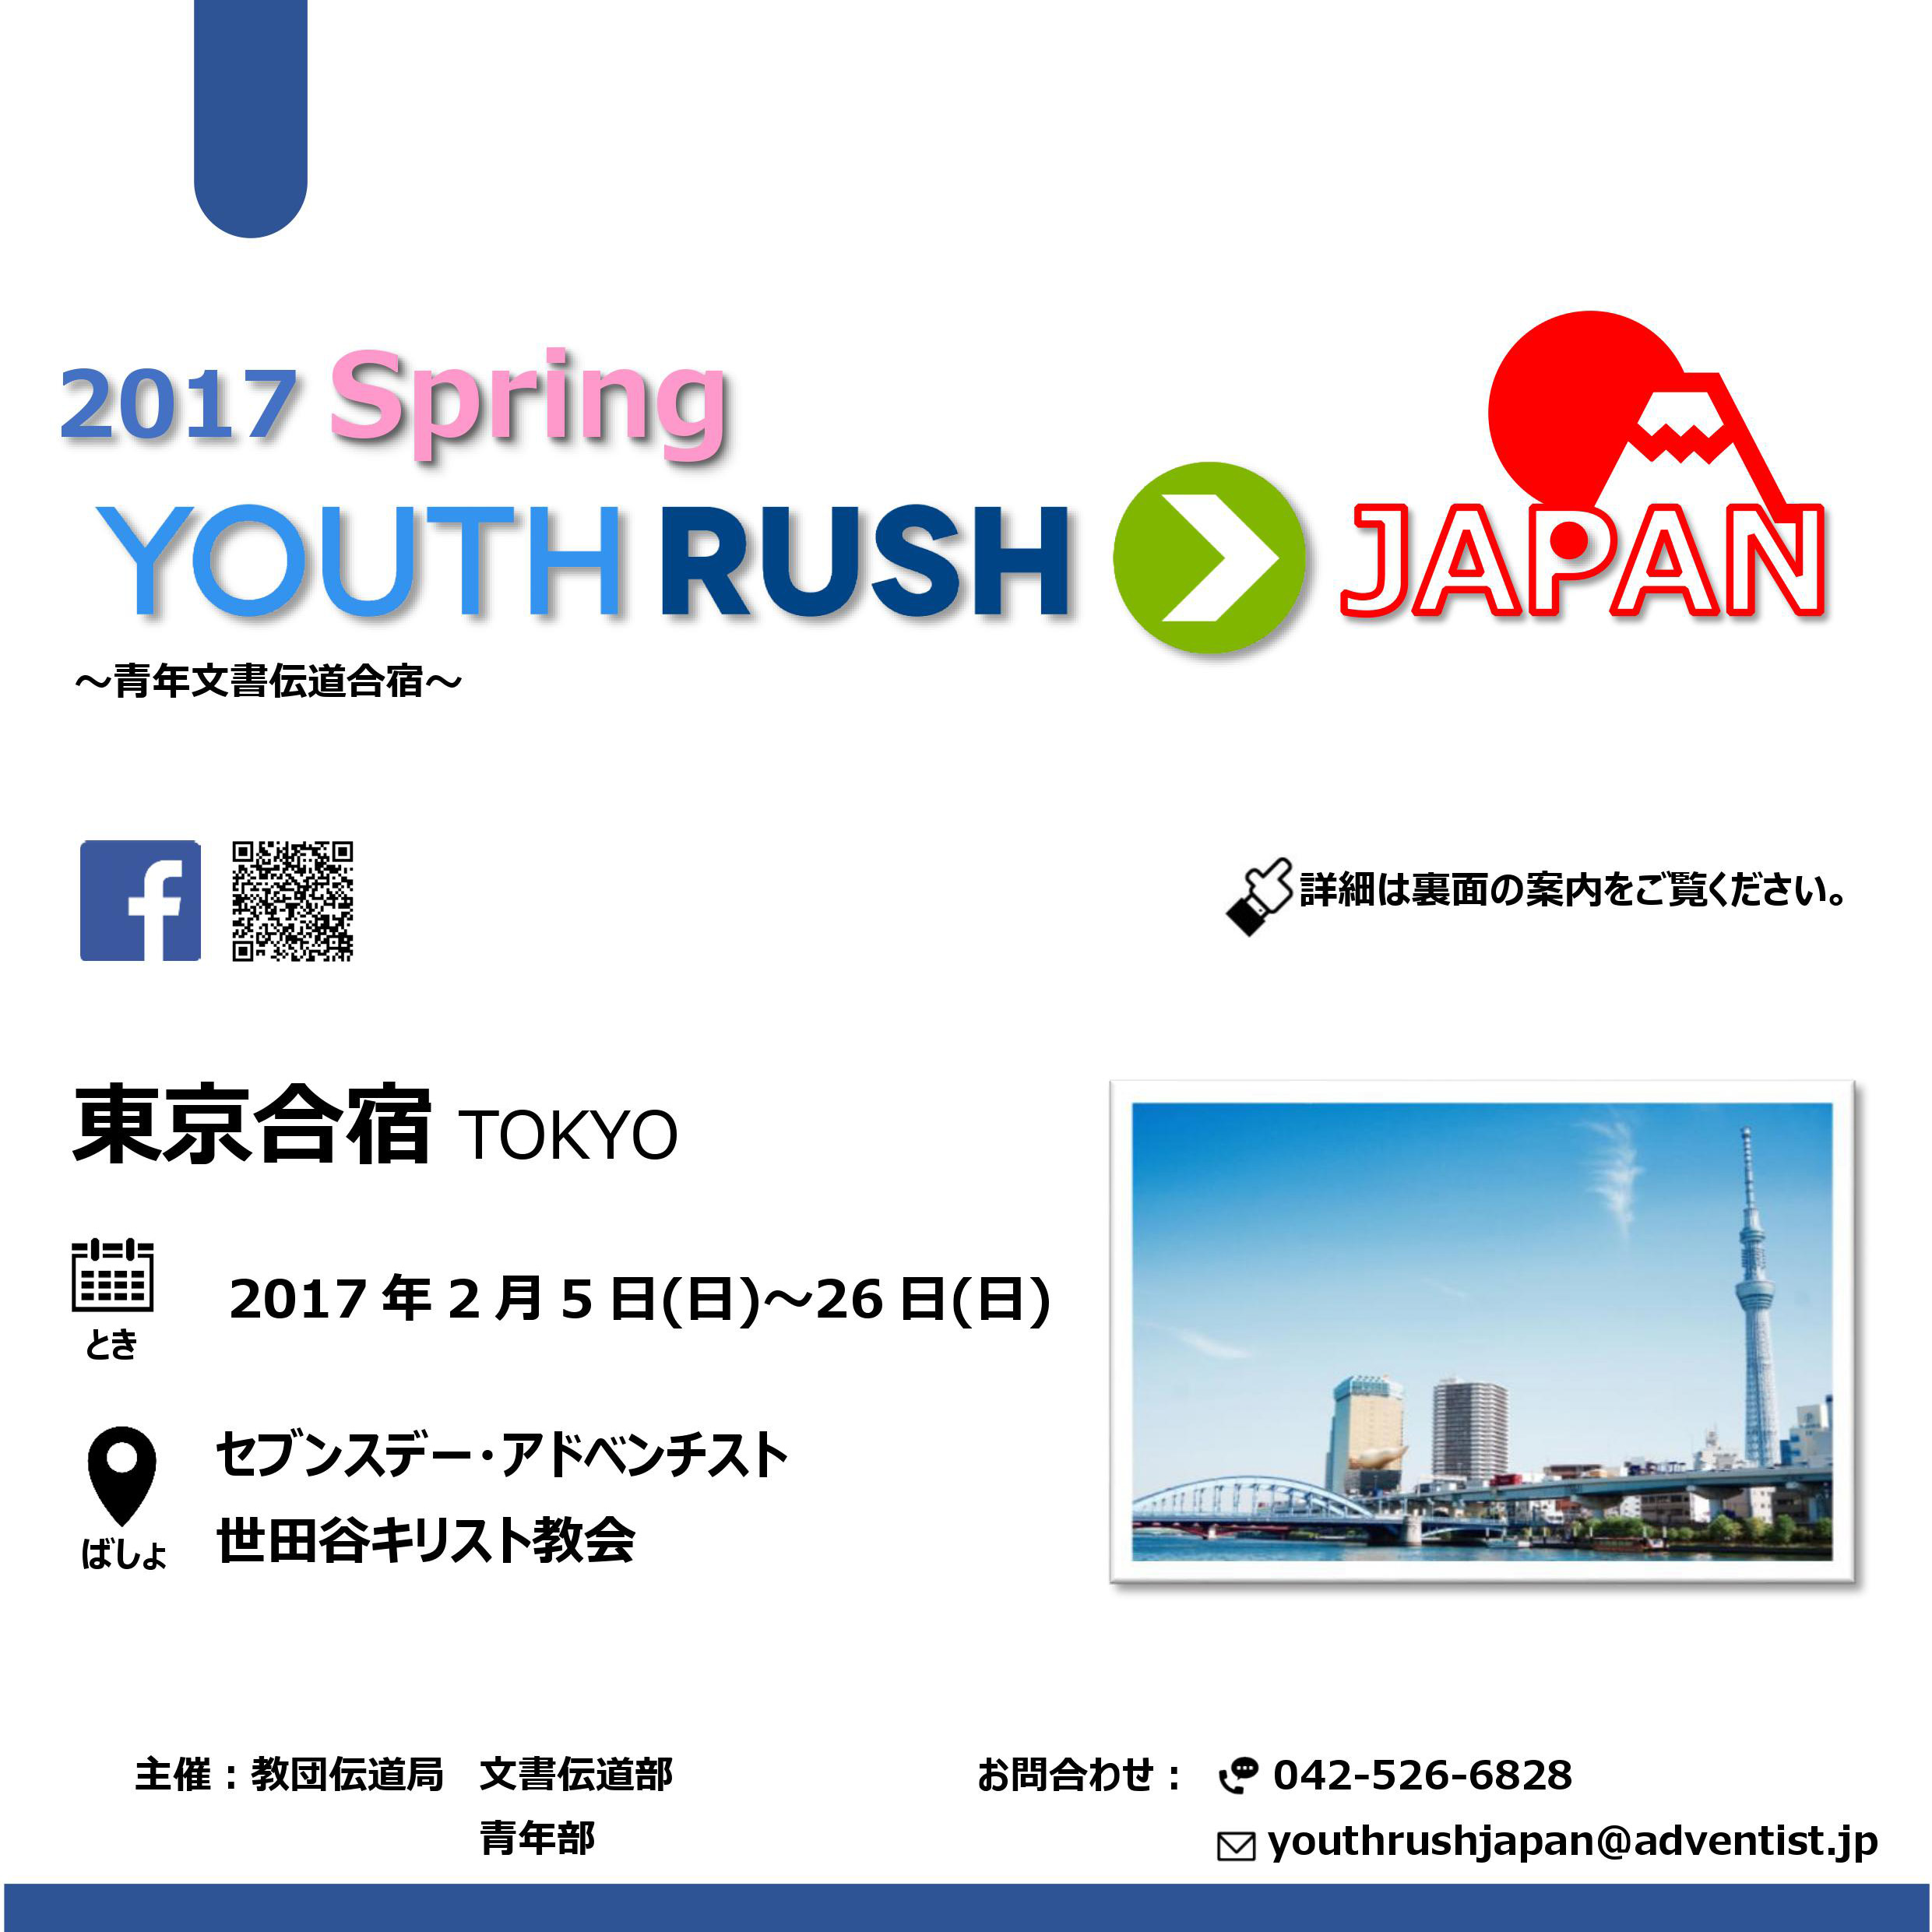 ユースラッシュ2017春